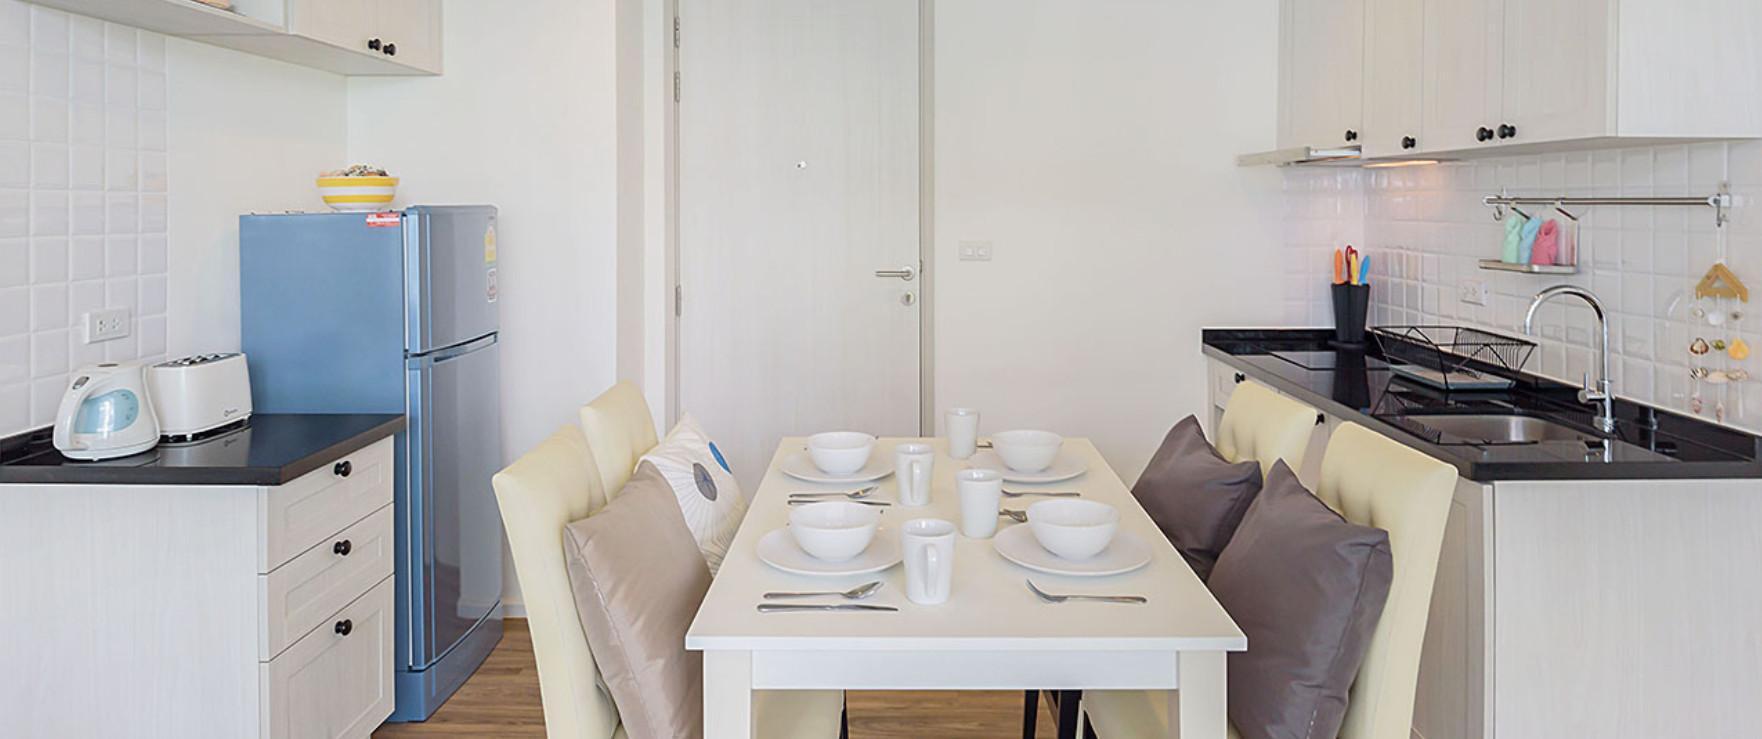 [209] Summer HuaHin condominium by sansiri  Reviews